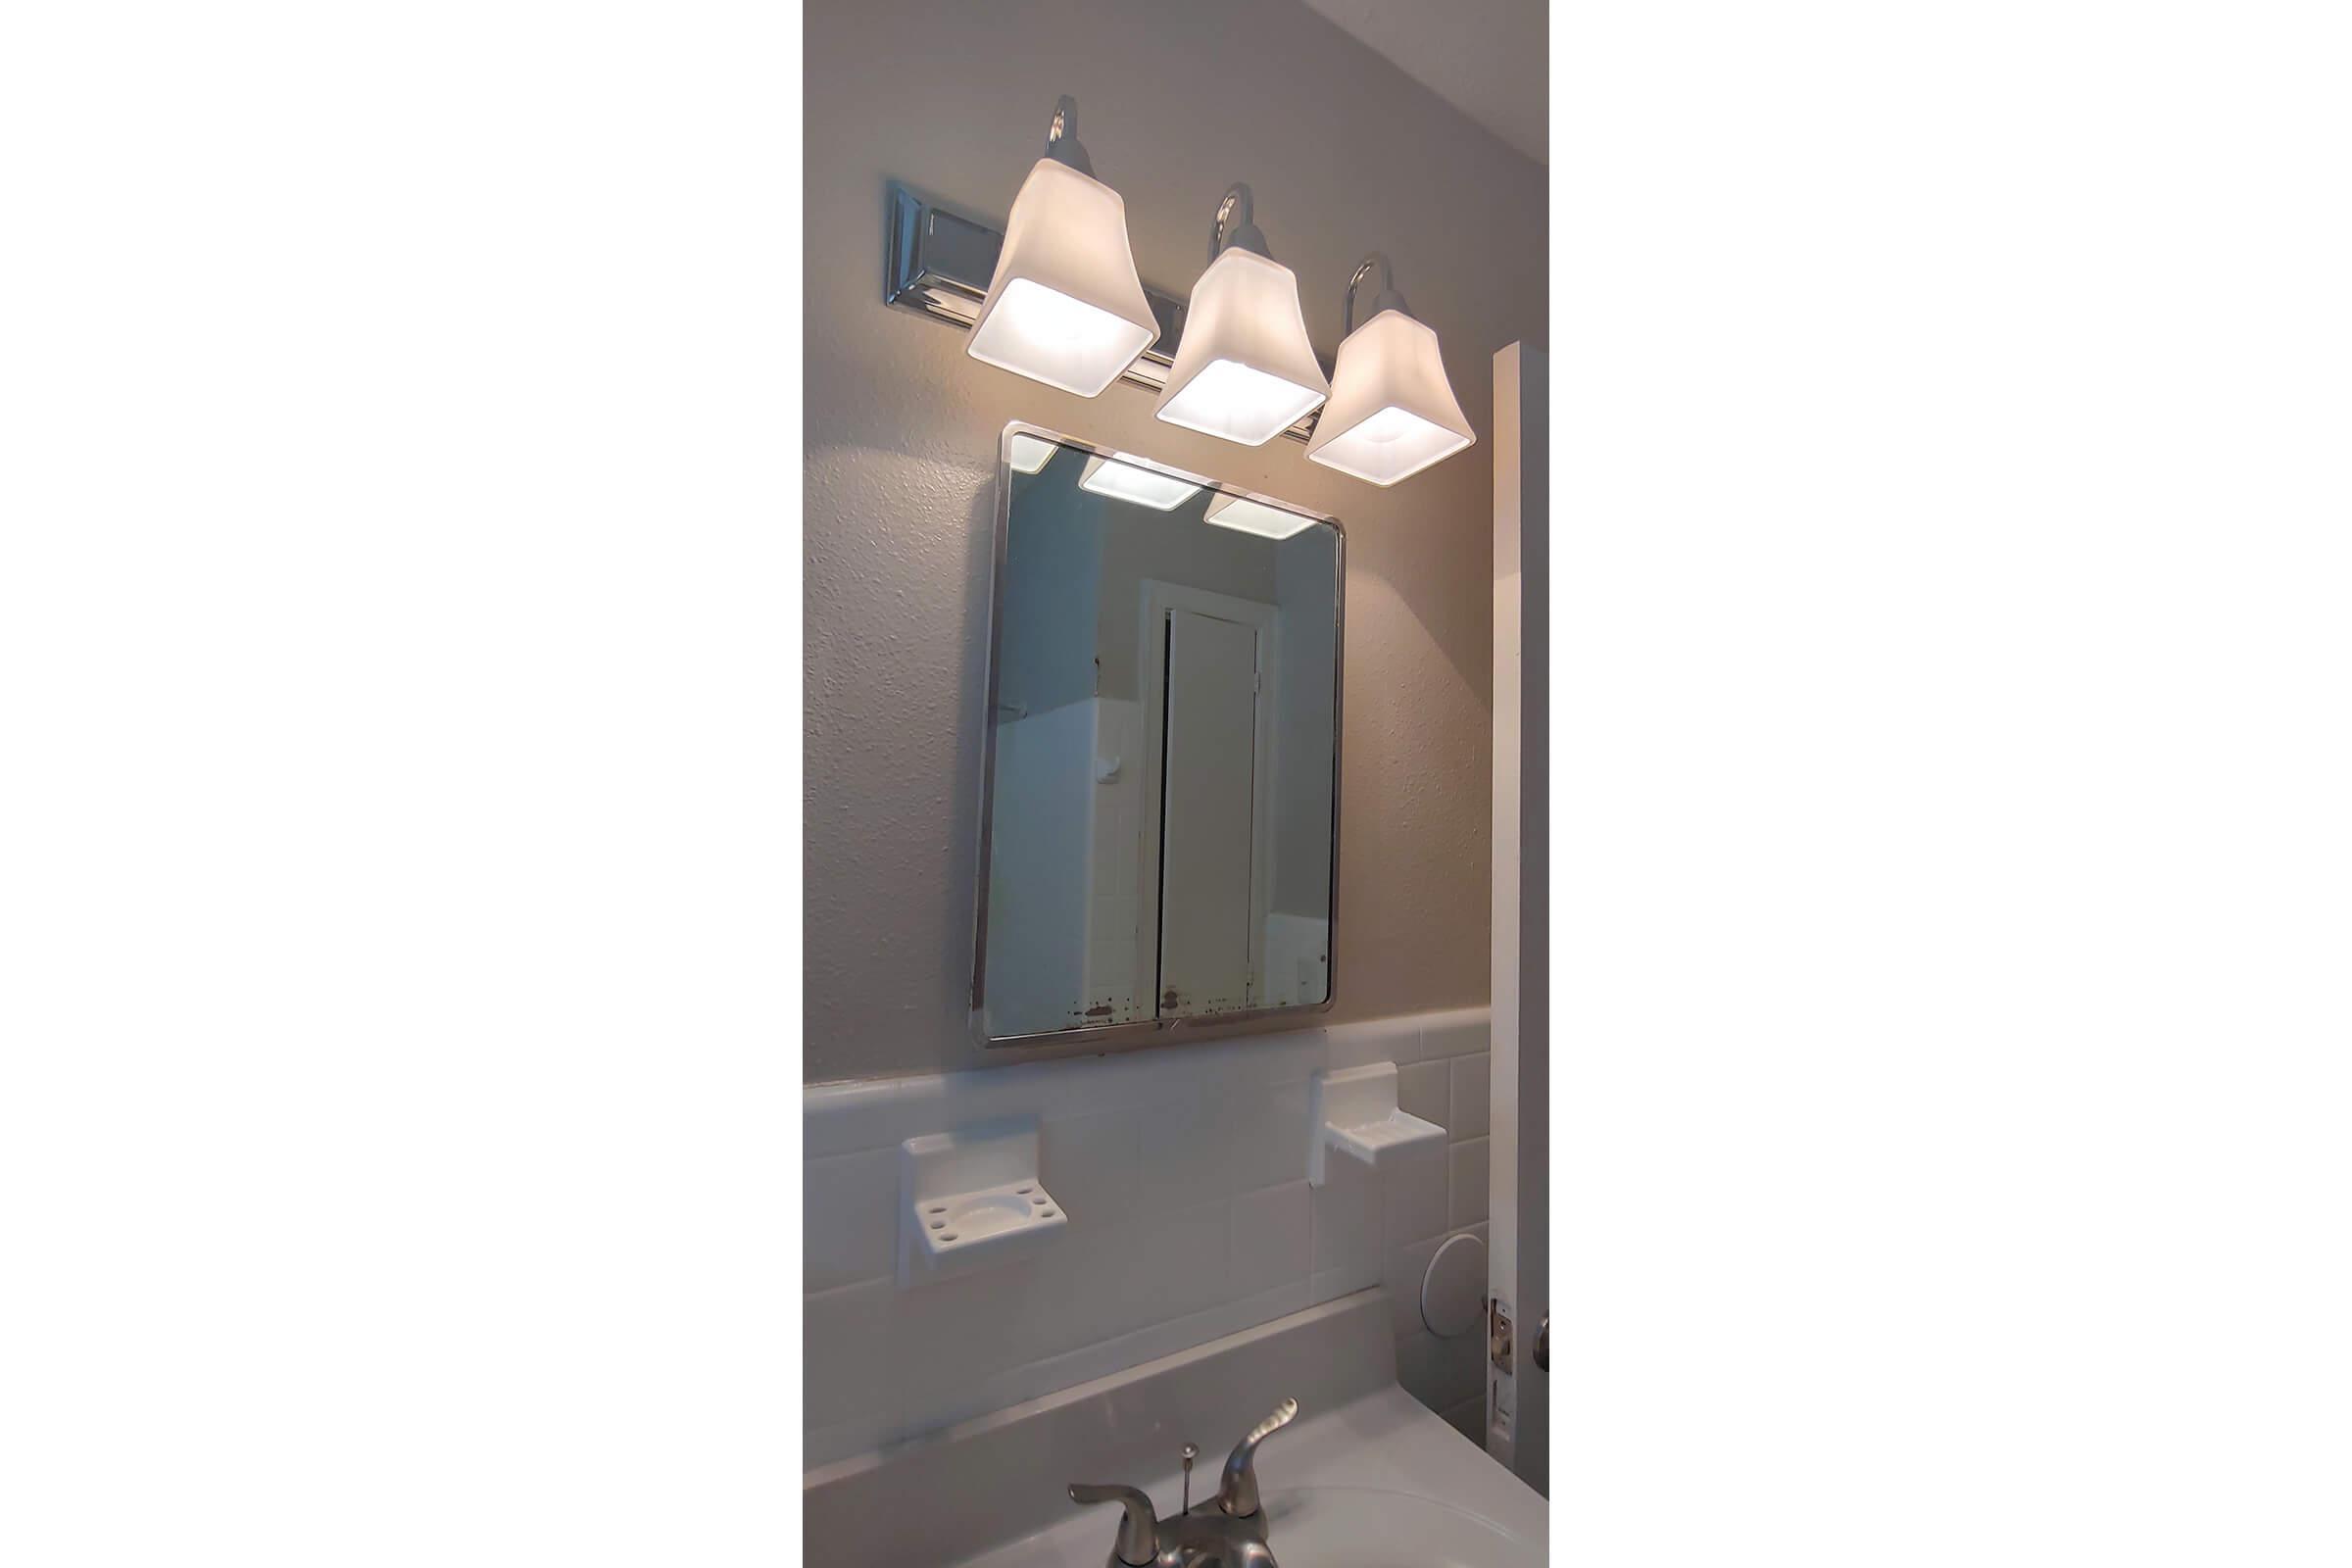 Bath light fixture replacement.jpg